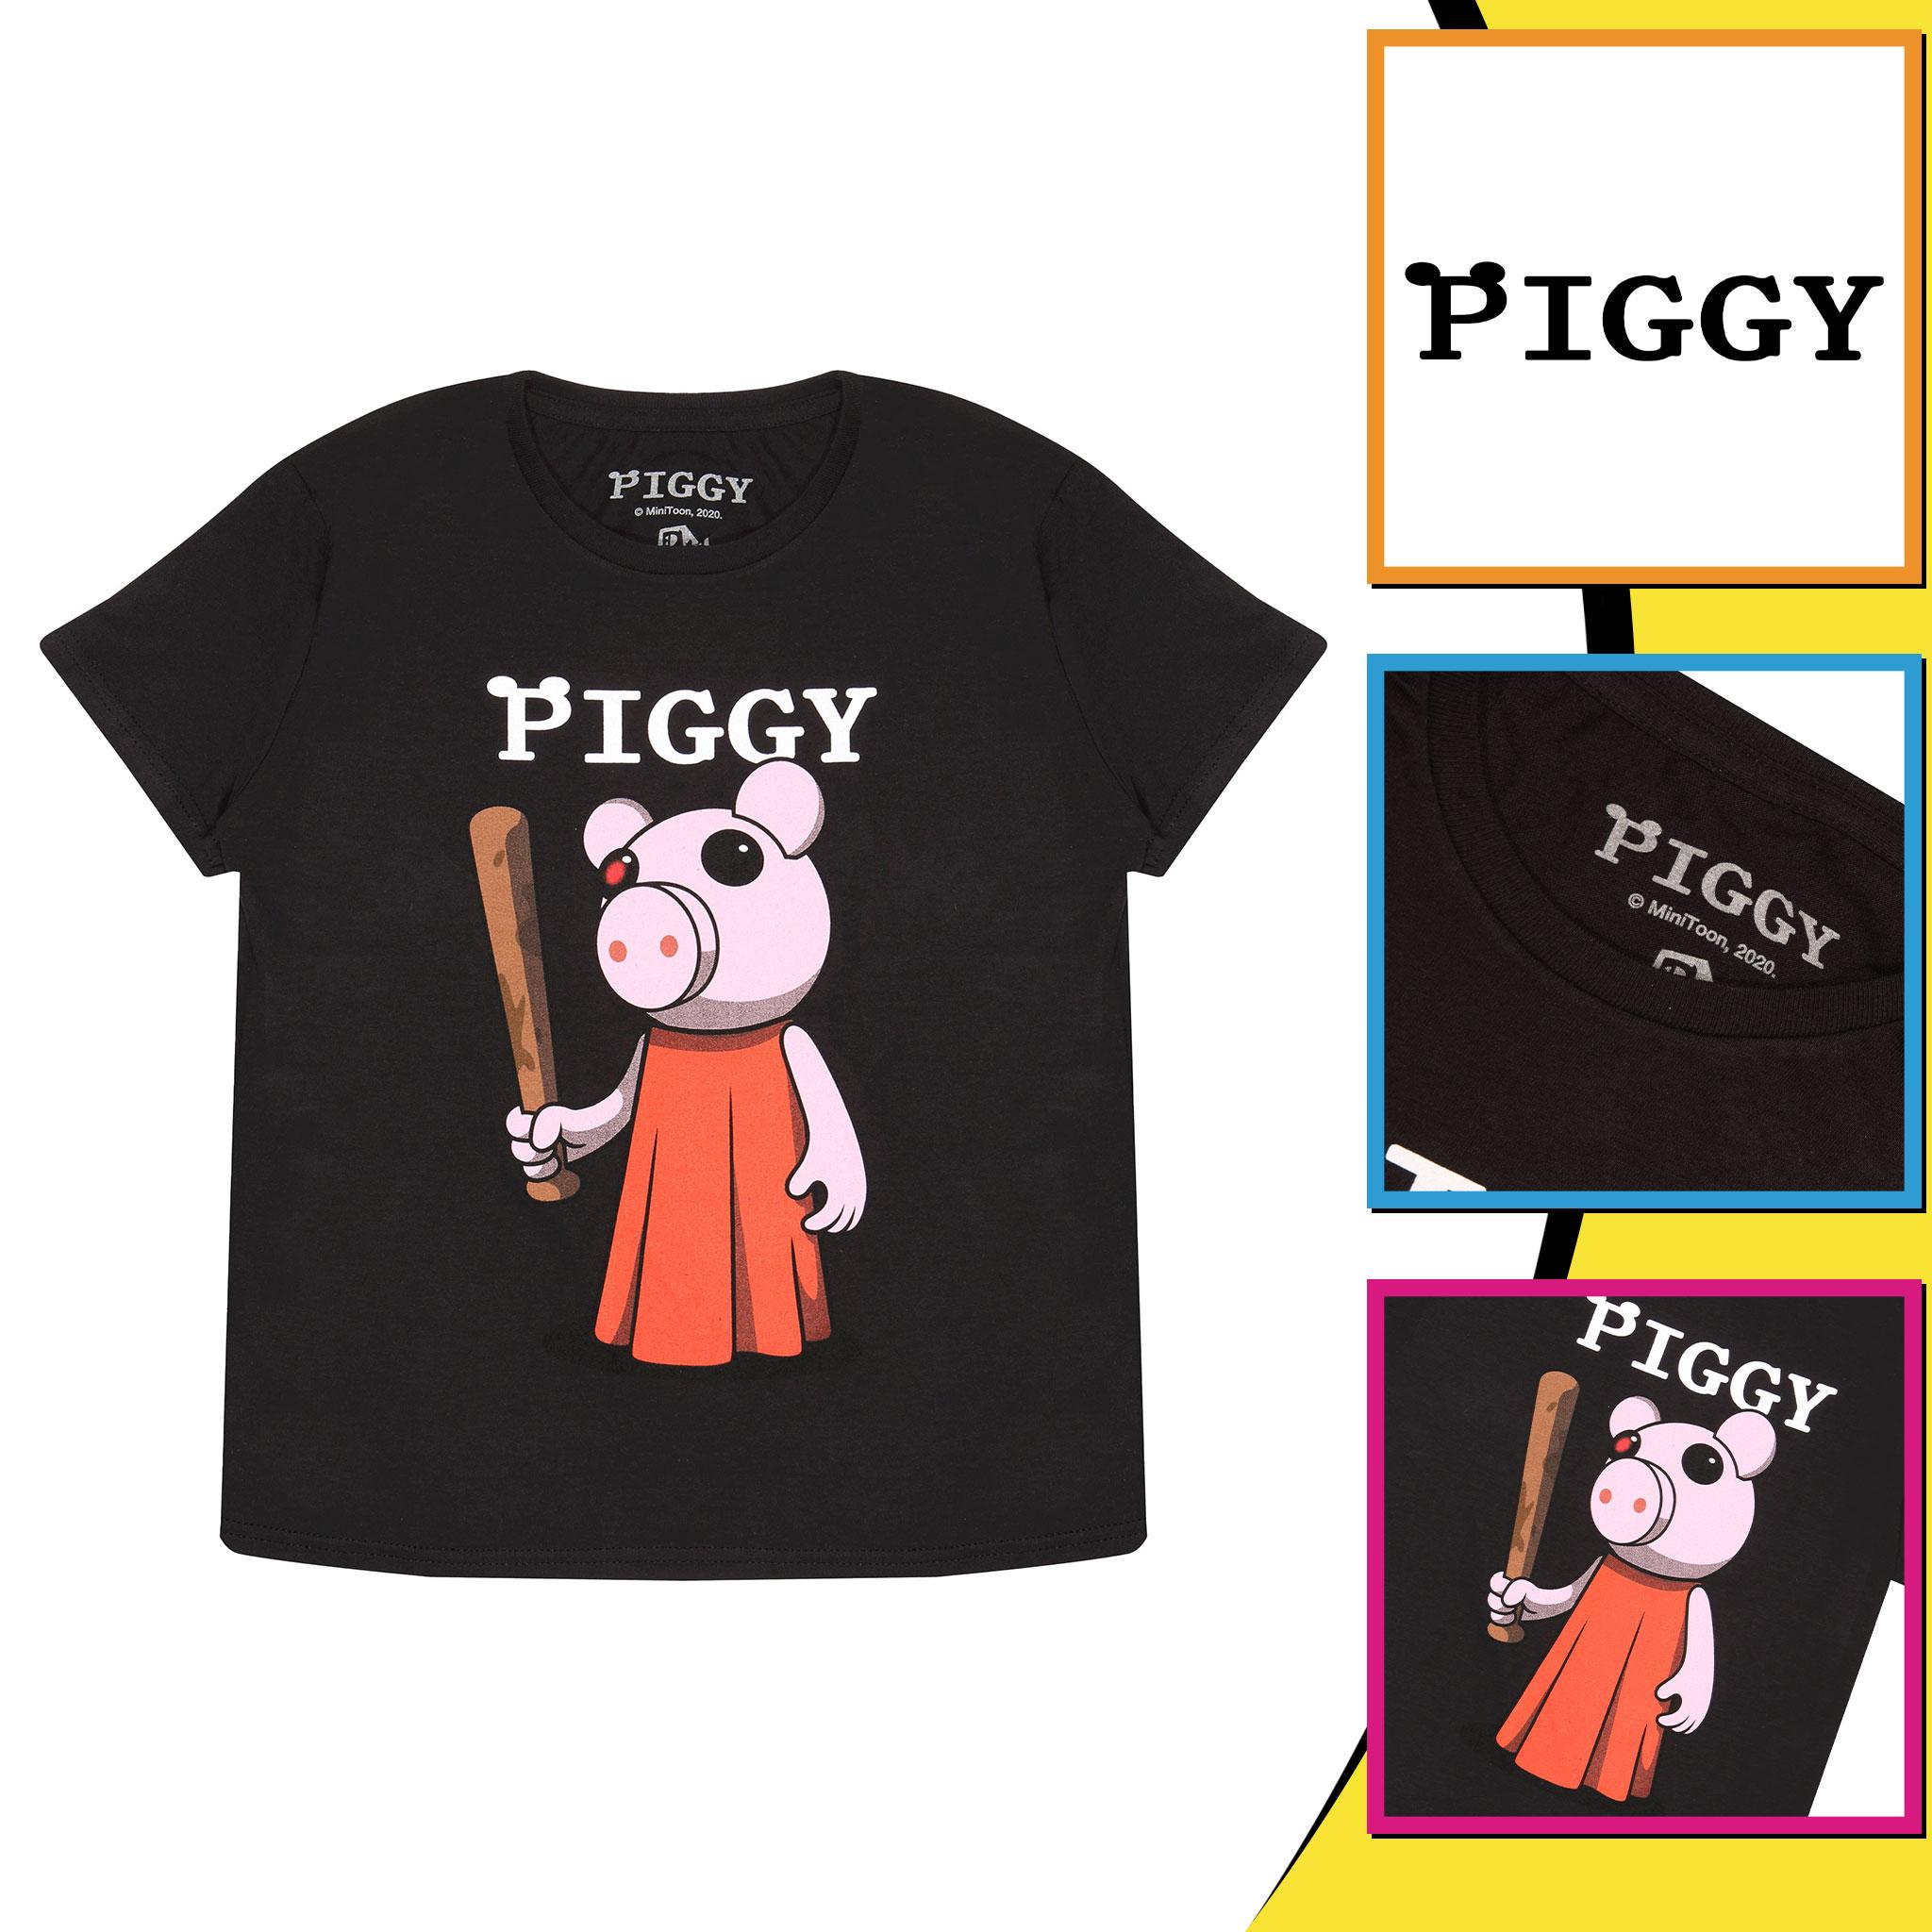 miniature 8 - Boys Piggy T Shirt Baseball Bat Official